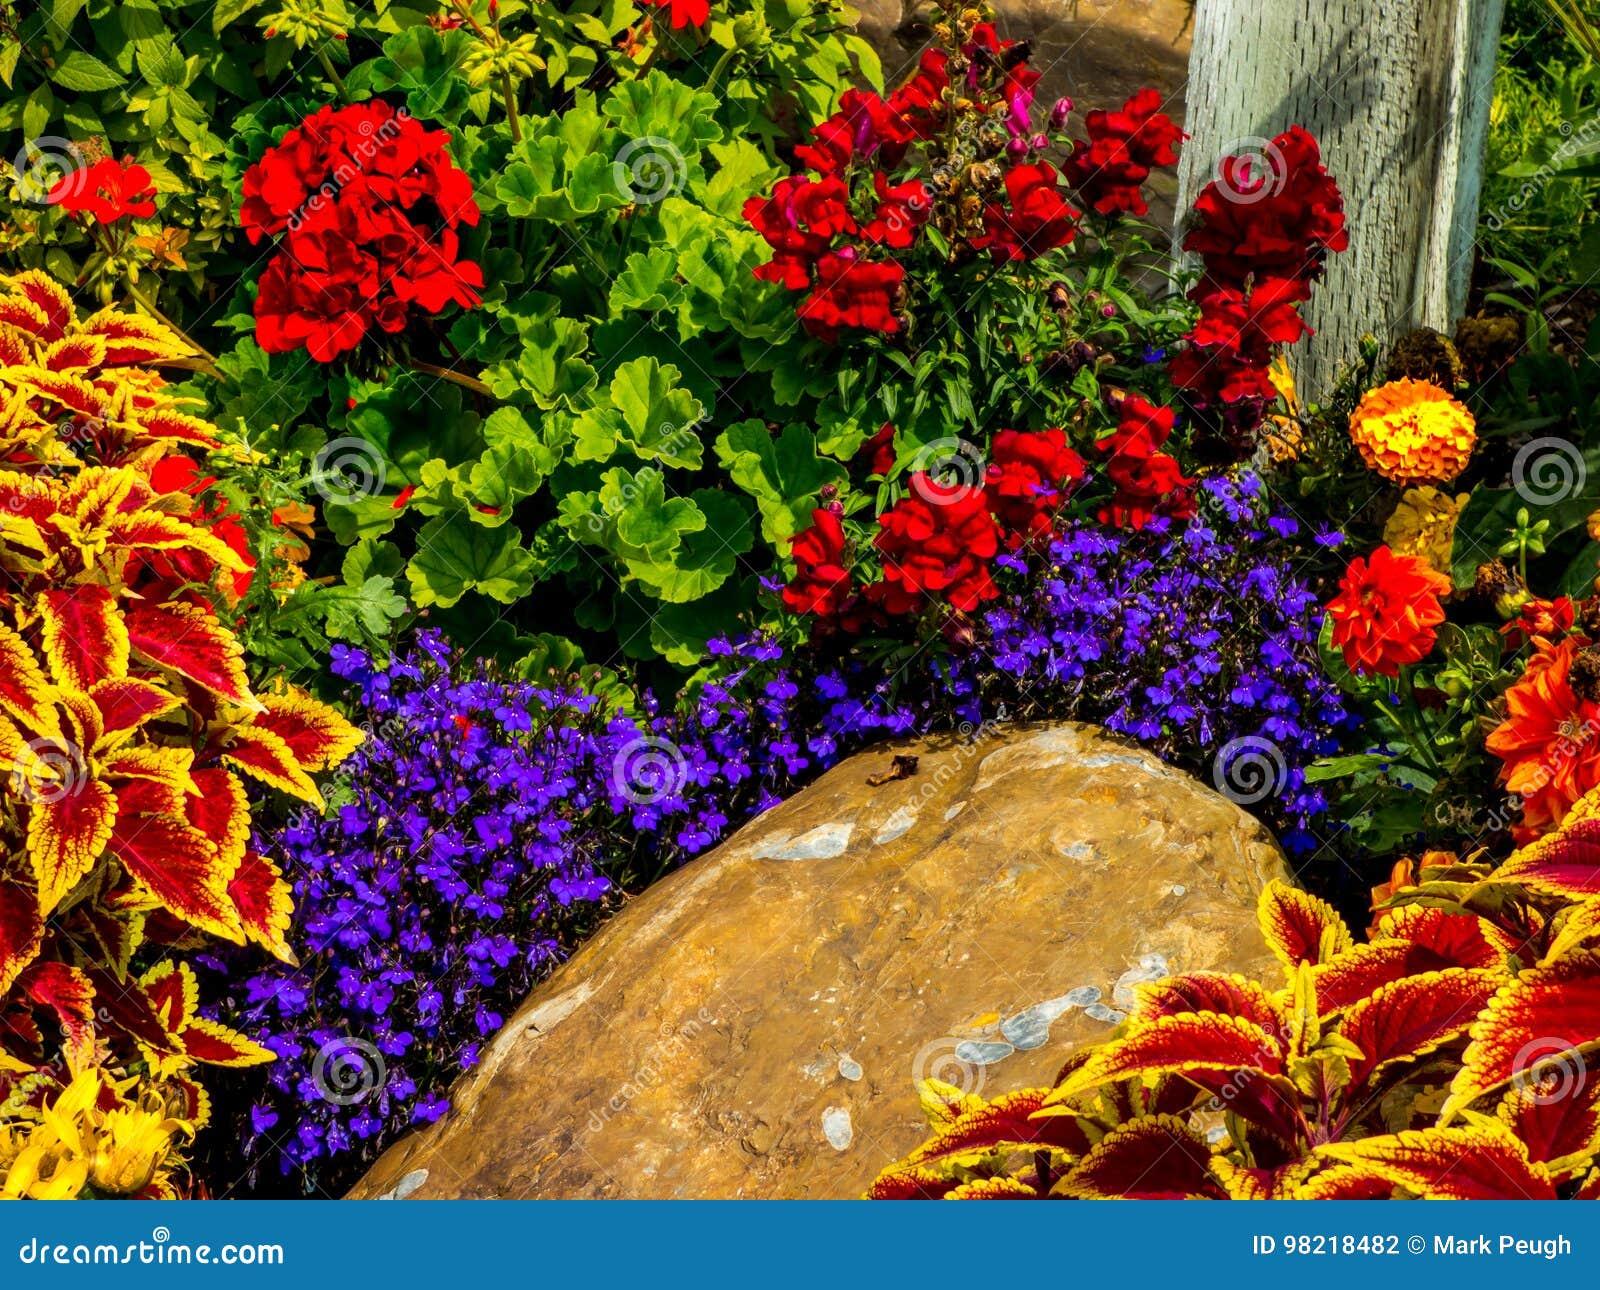 Variété De Fleurs Dans Un Jardin Photo stock - Image du floral ...